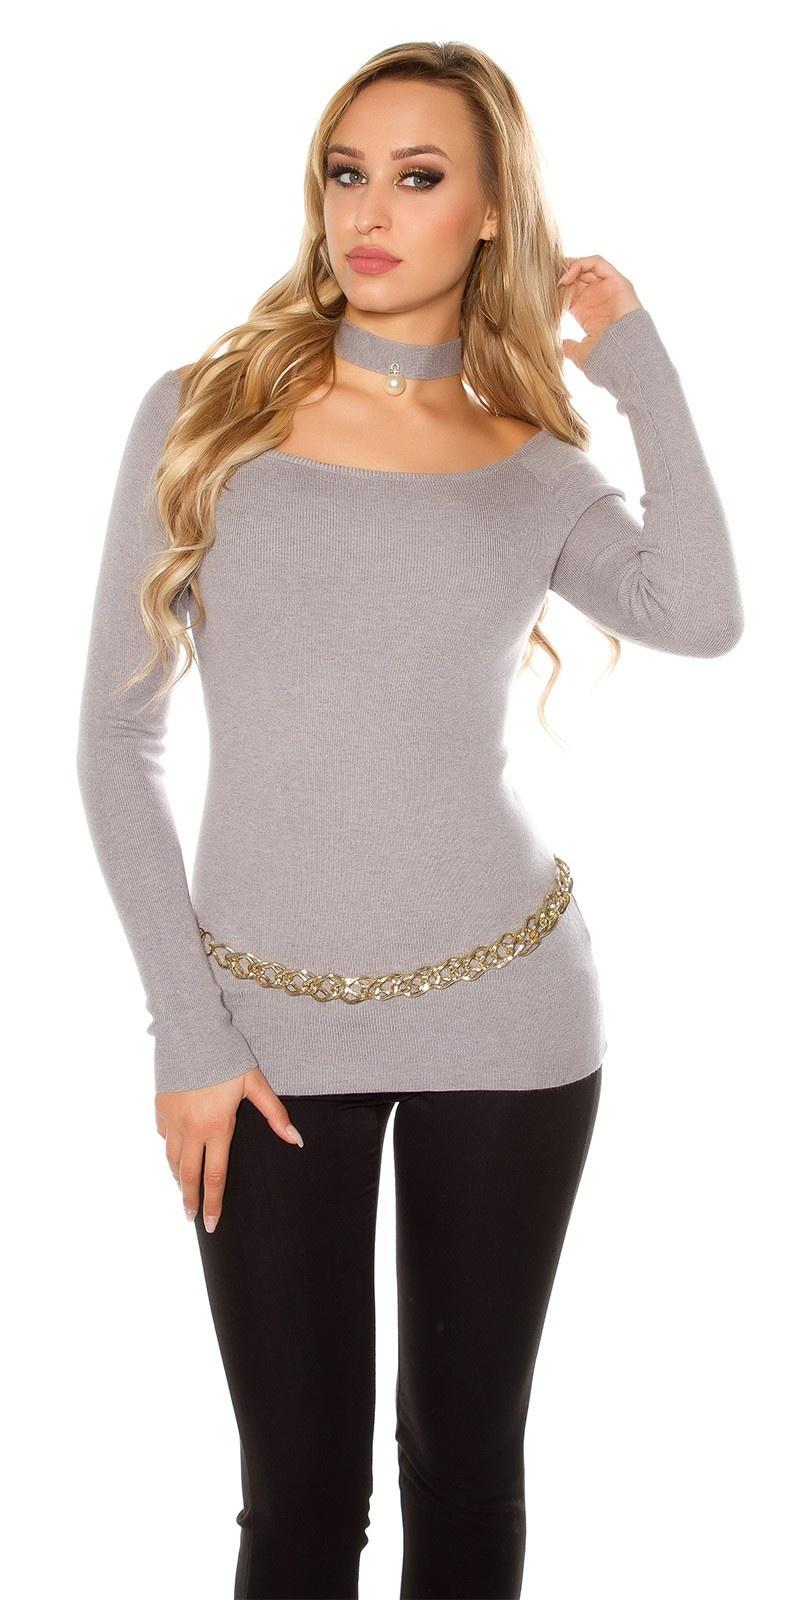 Sexy carmen sweater-trui met decoratieve parel lichtgrijs